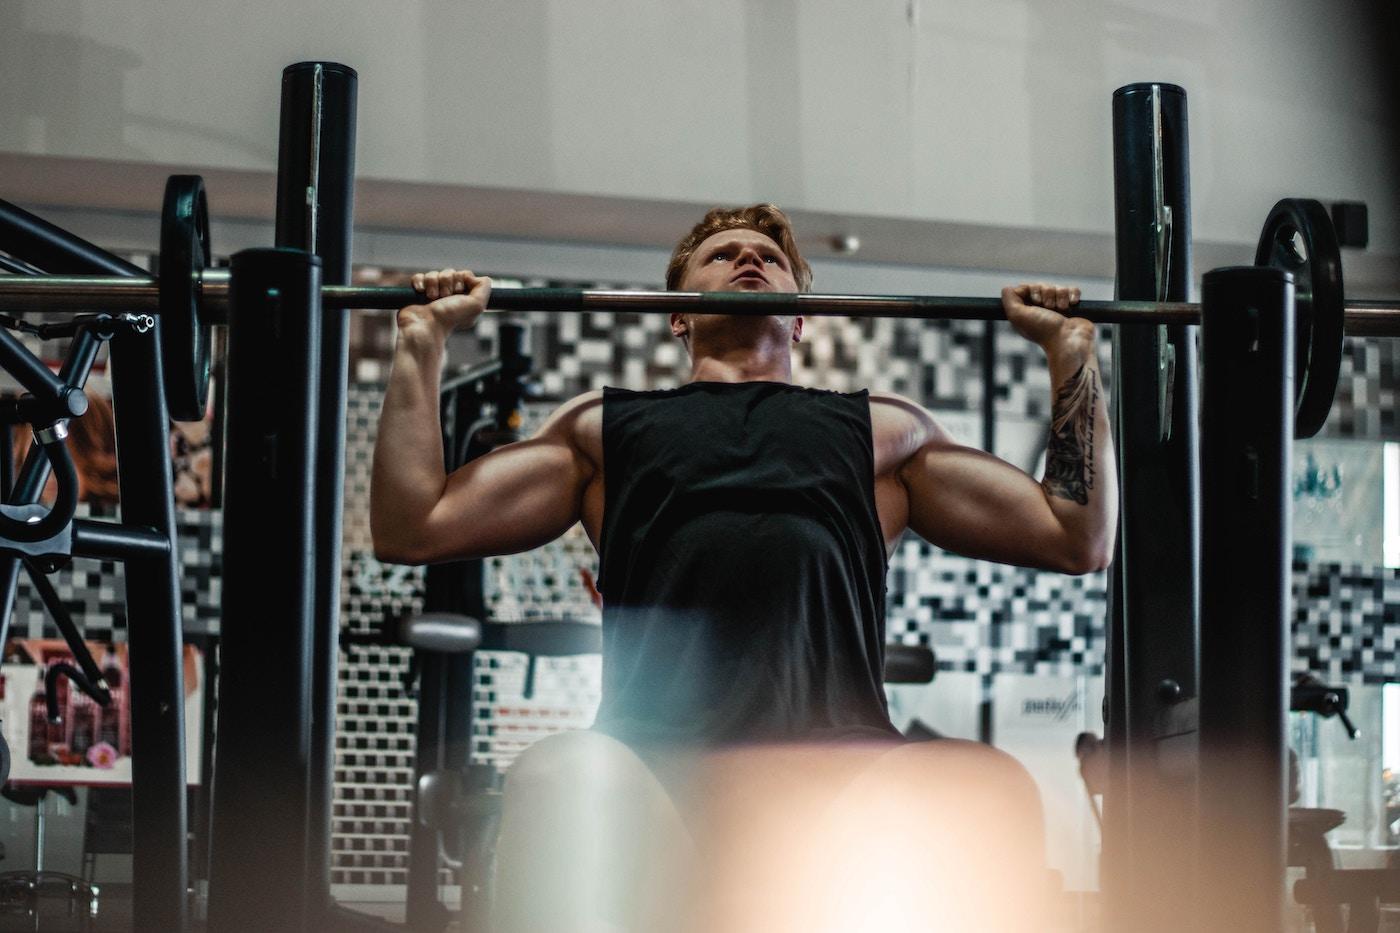 Gesunde Sporternährung: 10 Lebensmittel für mehr Muskeln